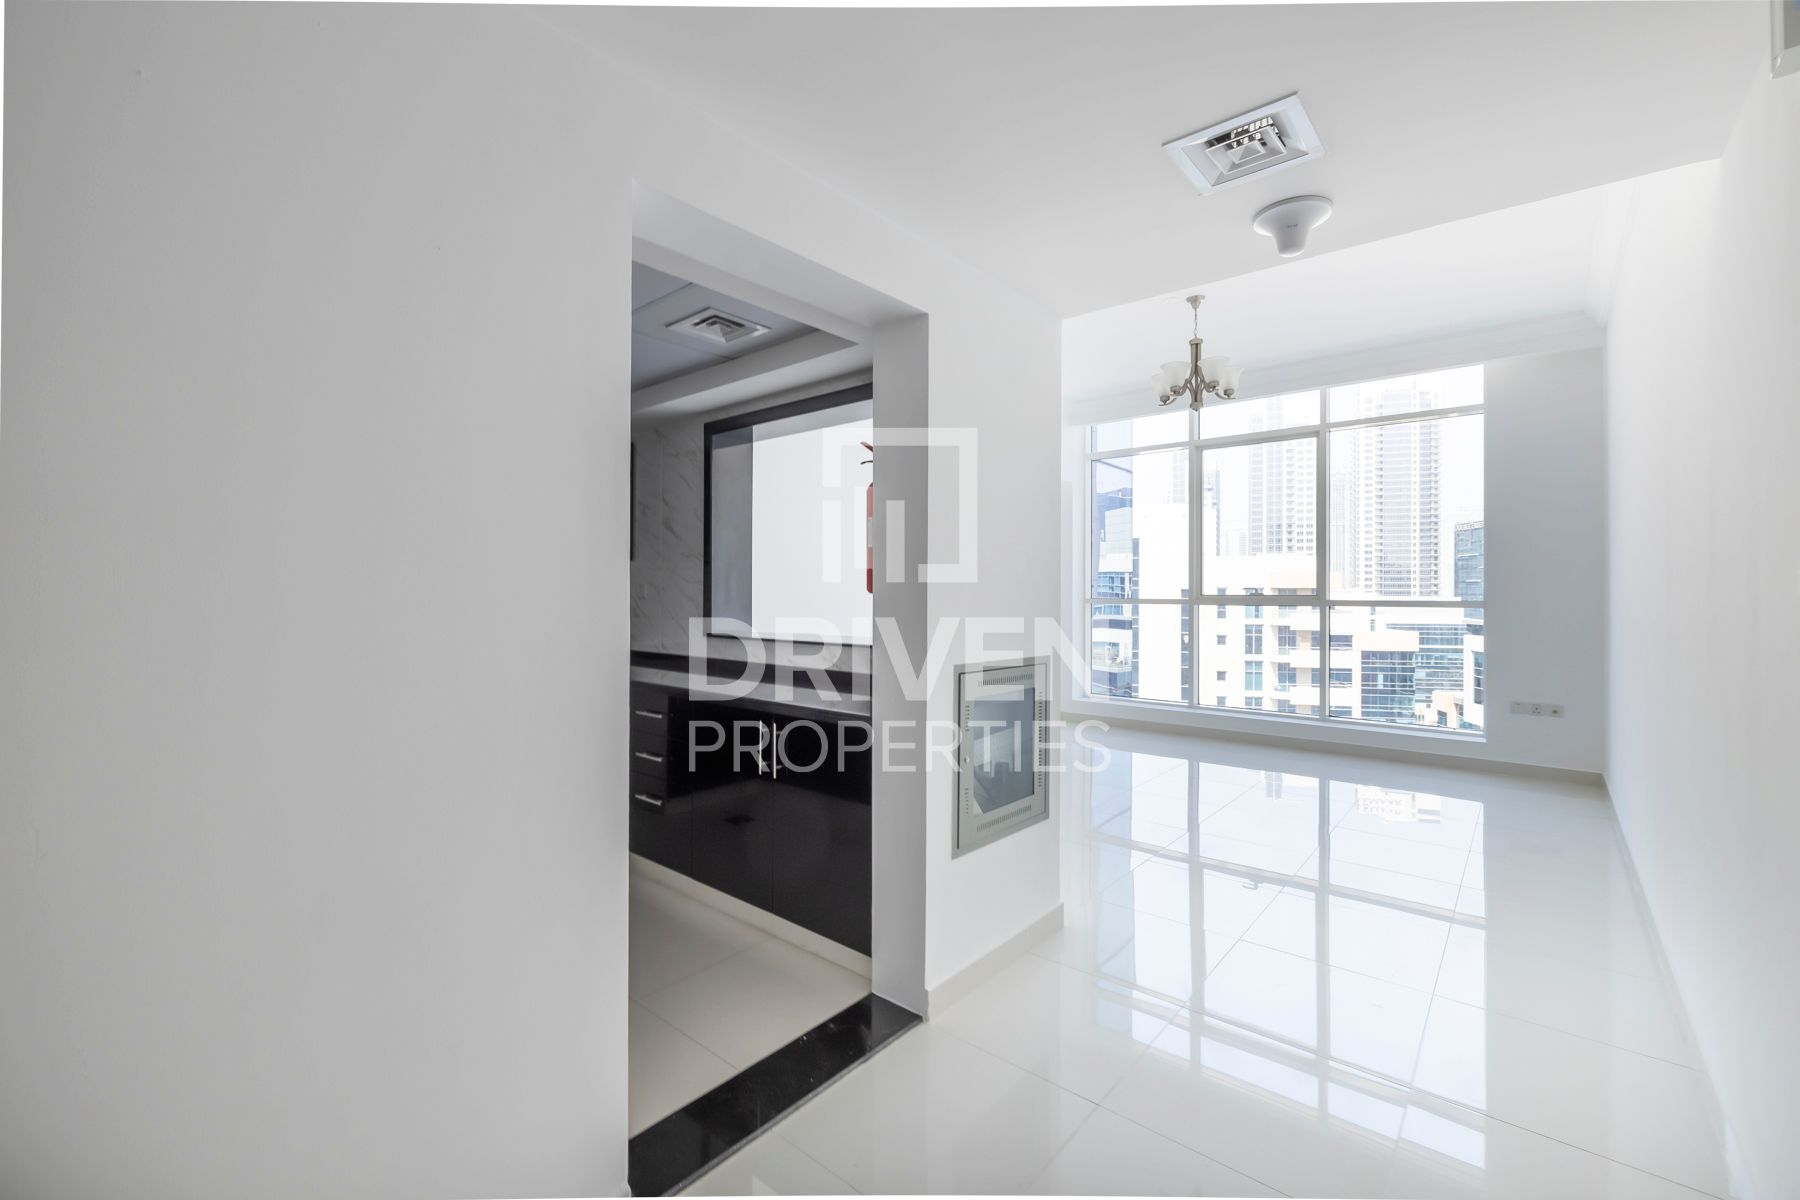 741 قدم مربع  شقة - للايجار - الخليج التجاري